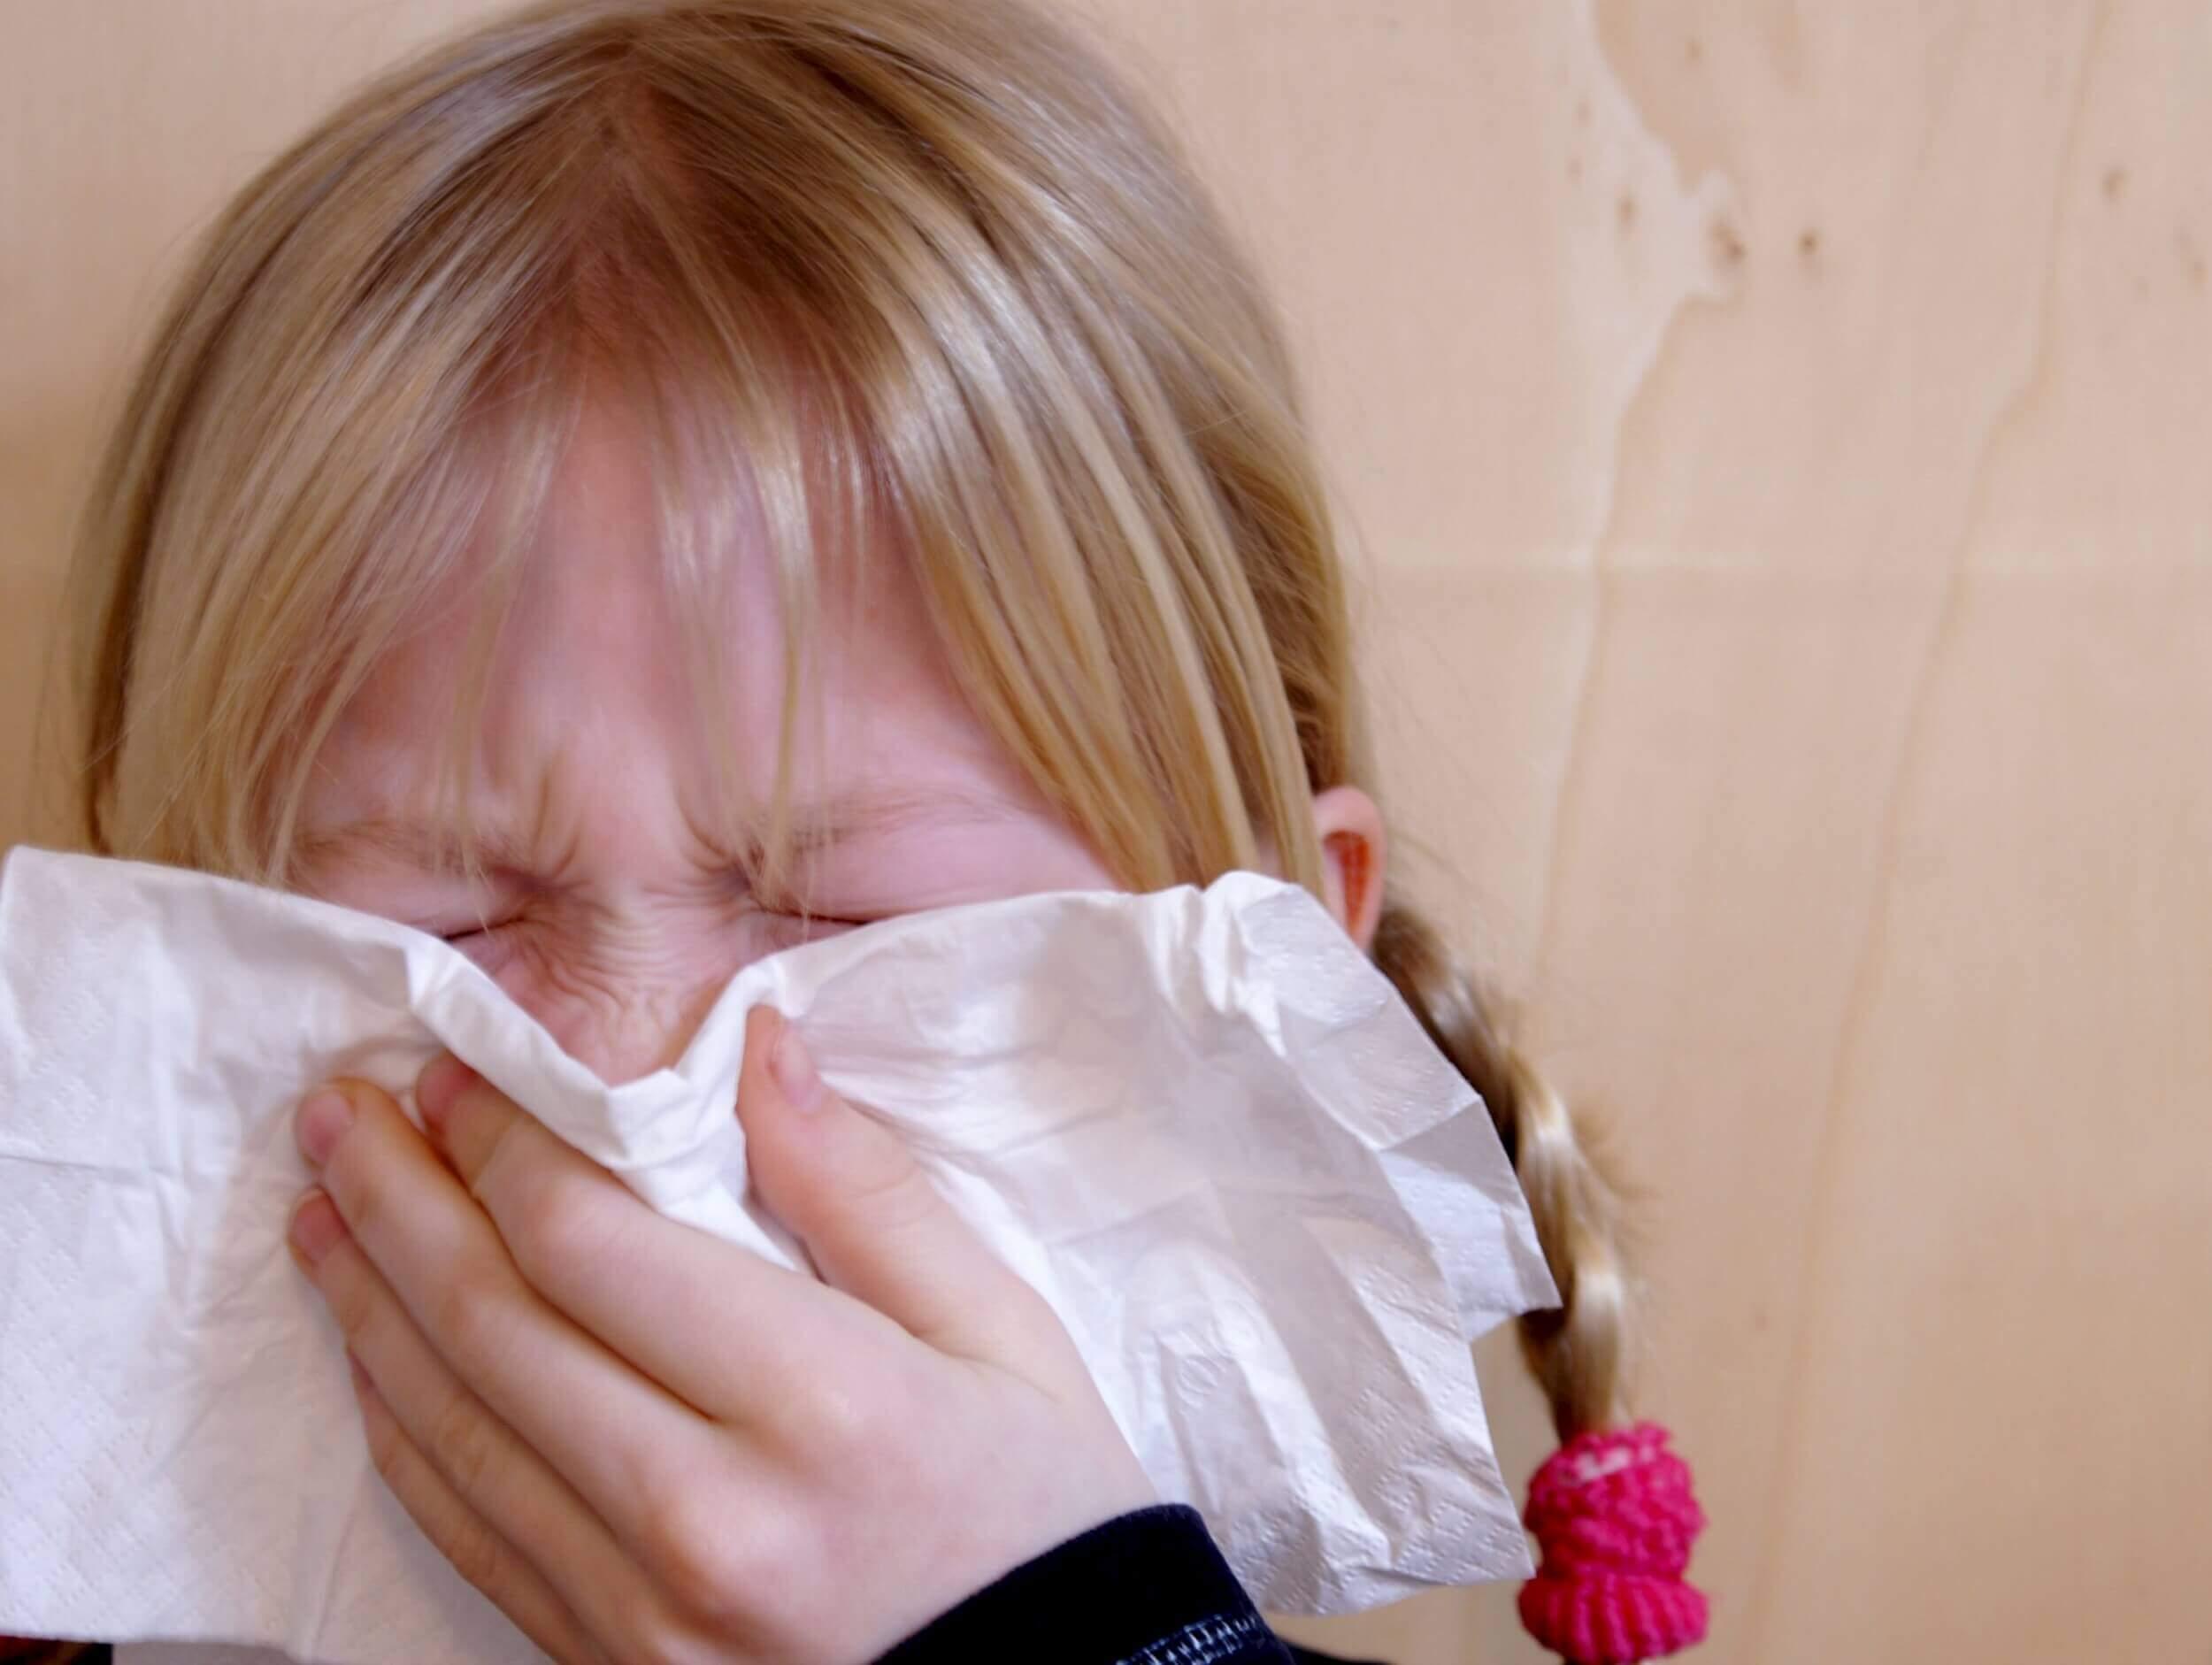 Schnupfen Erkältung krankes Kind (c) S. Hofschlaeger / pixelio.de